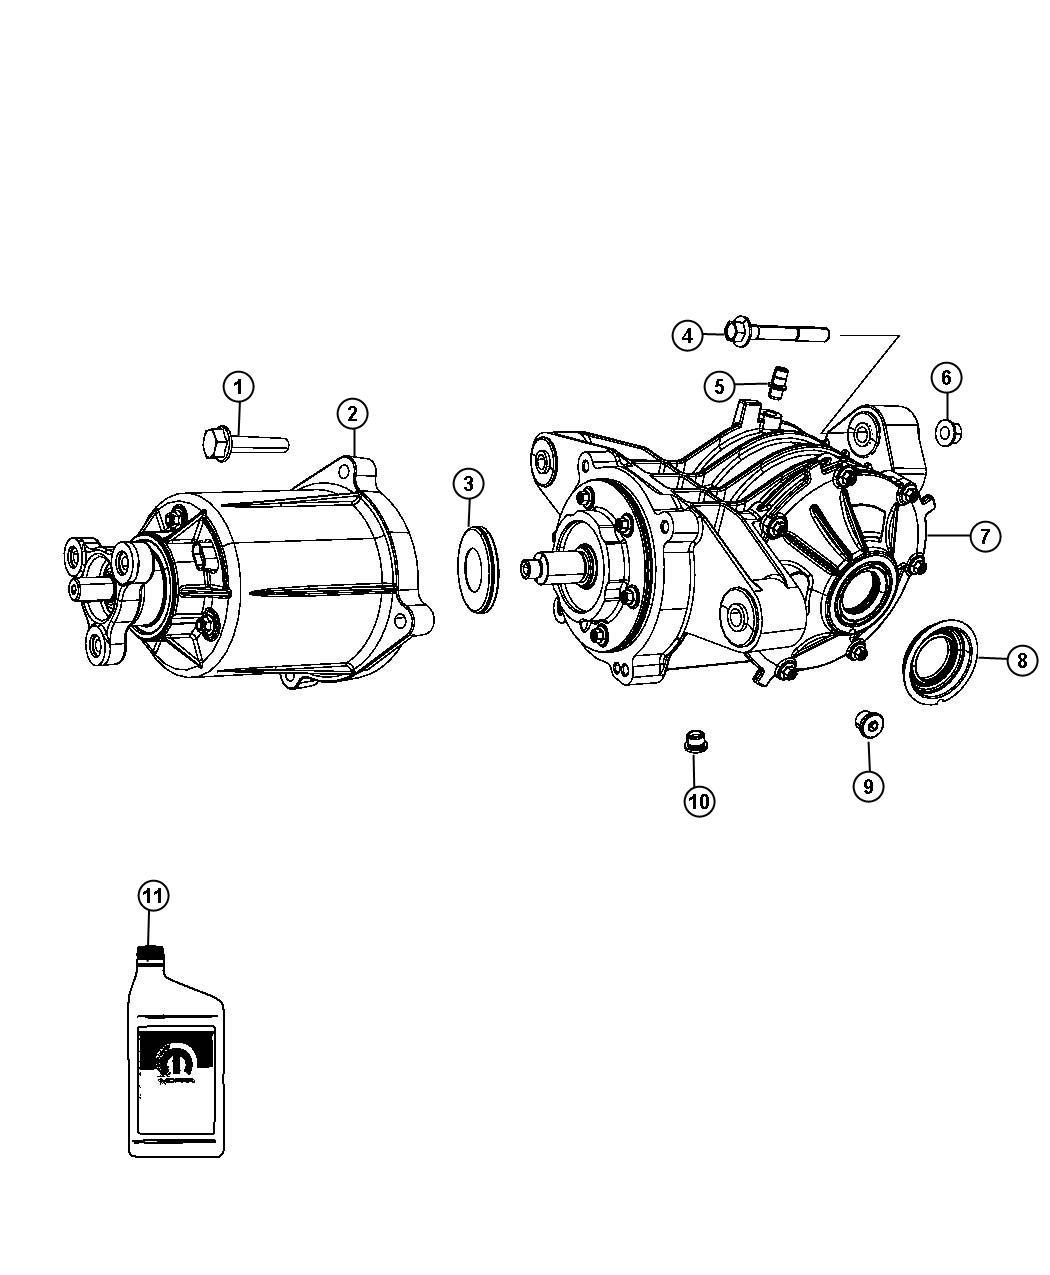 dodge journey bdorc  viscous unit kit  rear axle  bdorcviscous